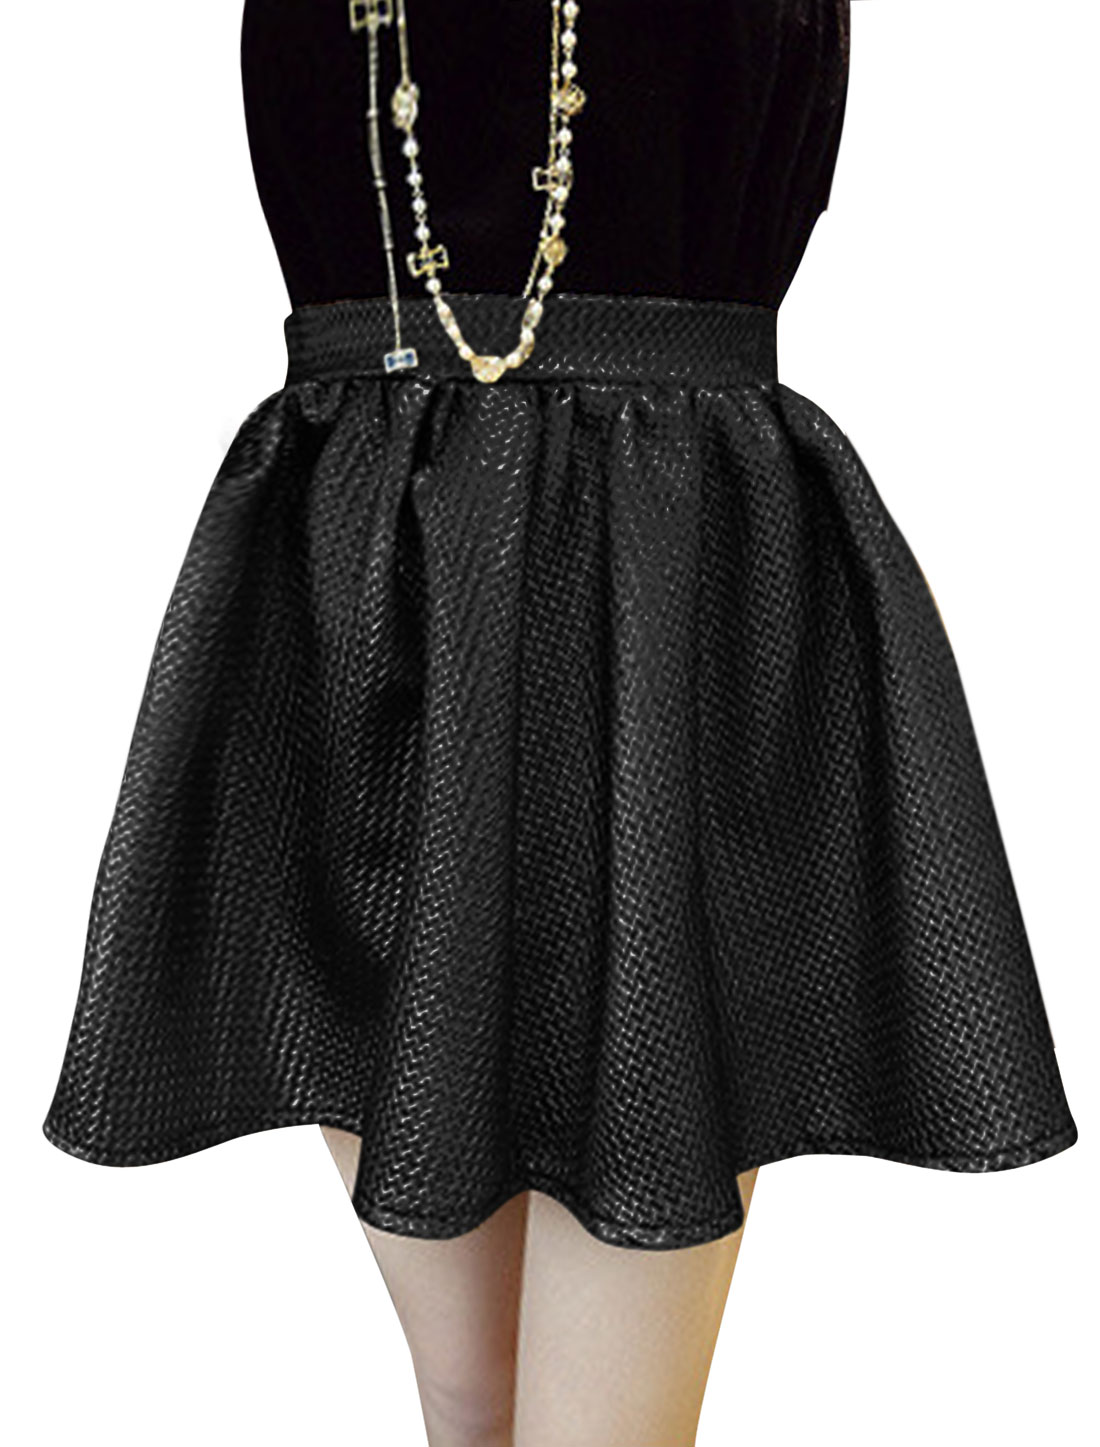 Women Elastic Waist Zip Closed Side Shinny Full Skirt Black S